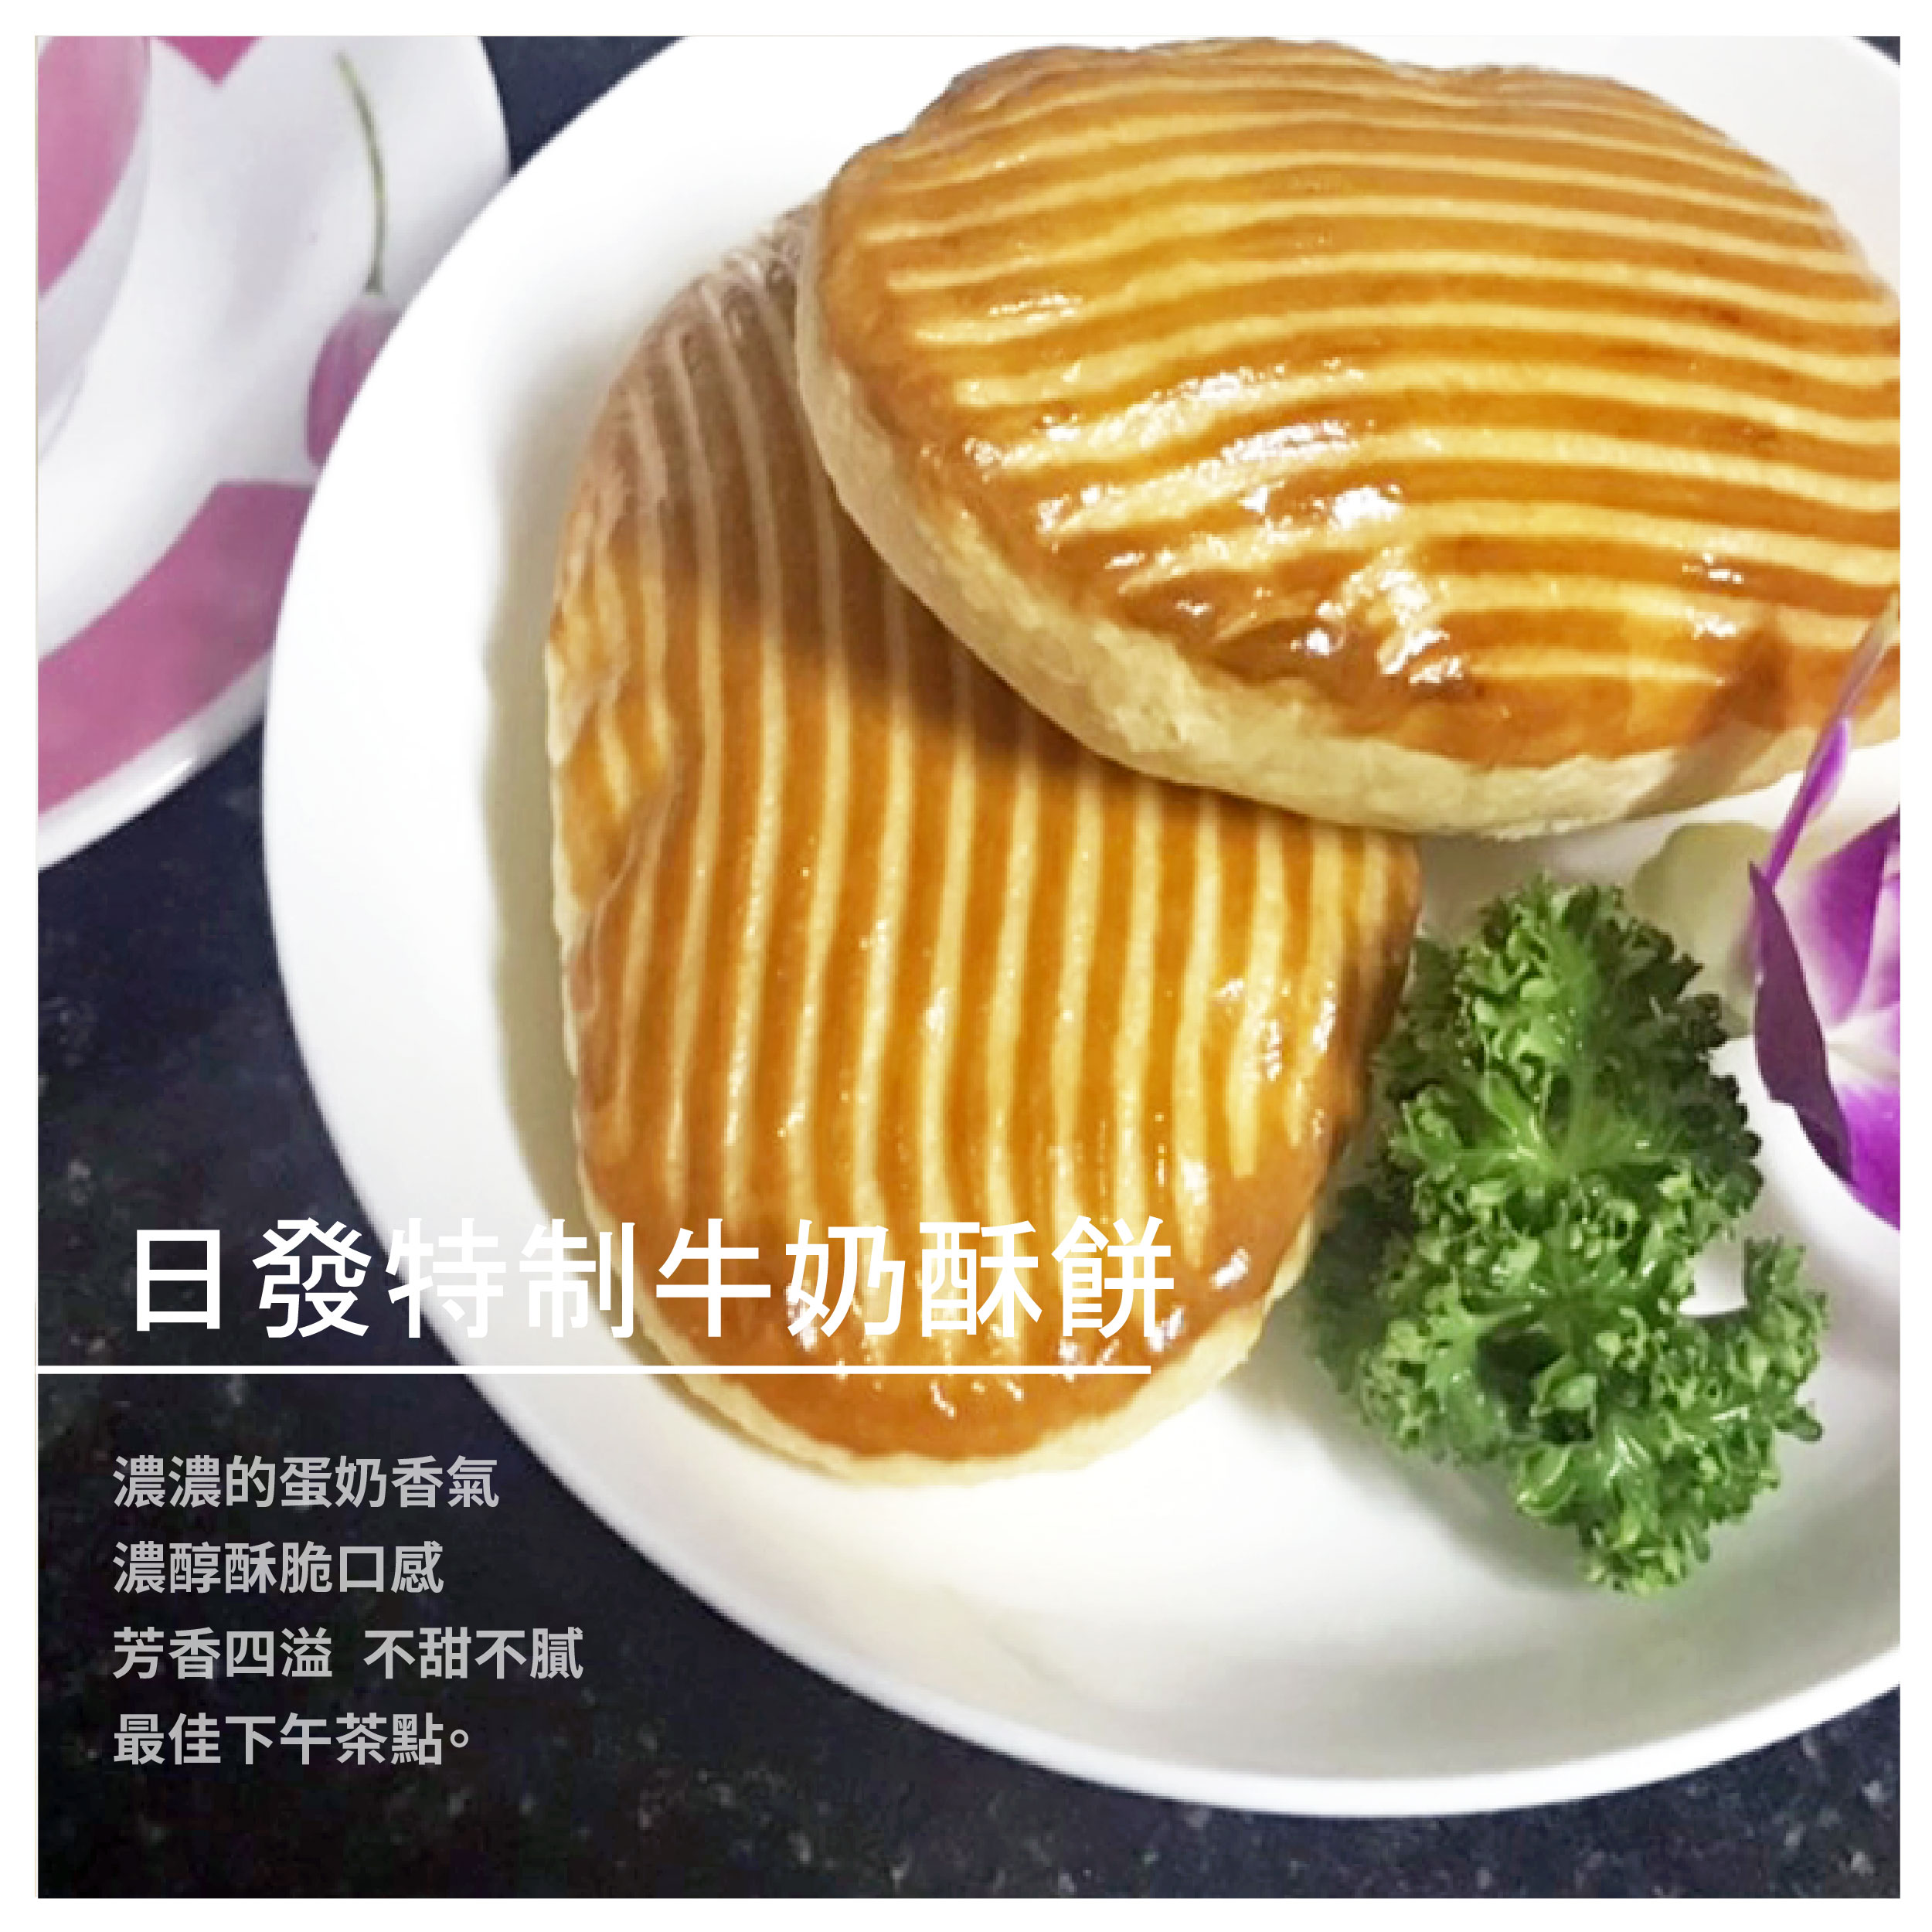 【日發蛋糕麵包】日發特制牛奶酥餅